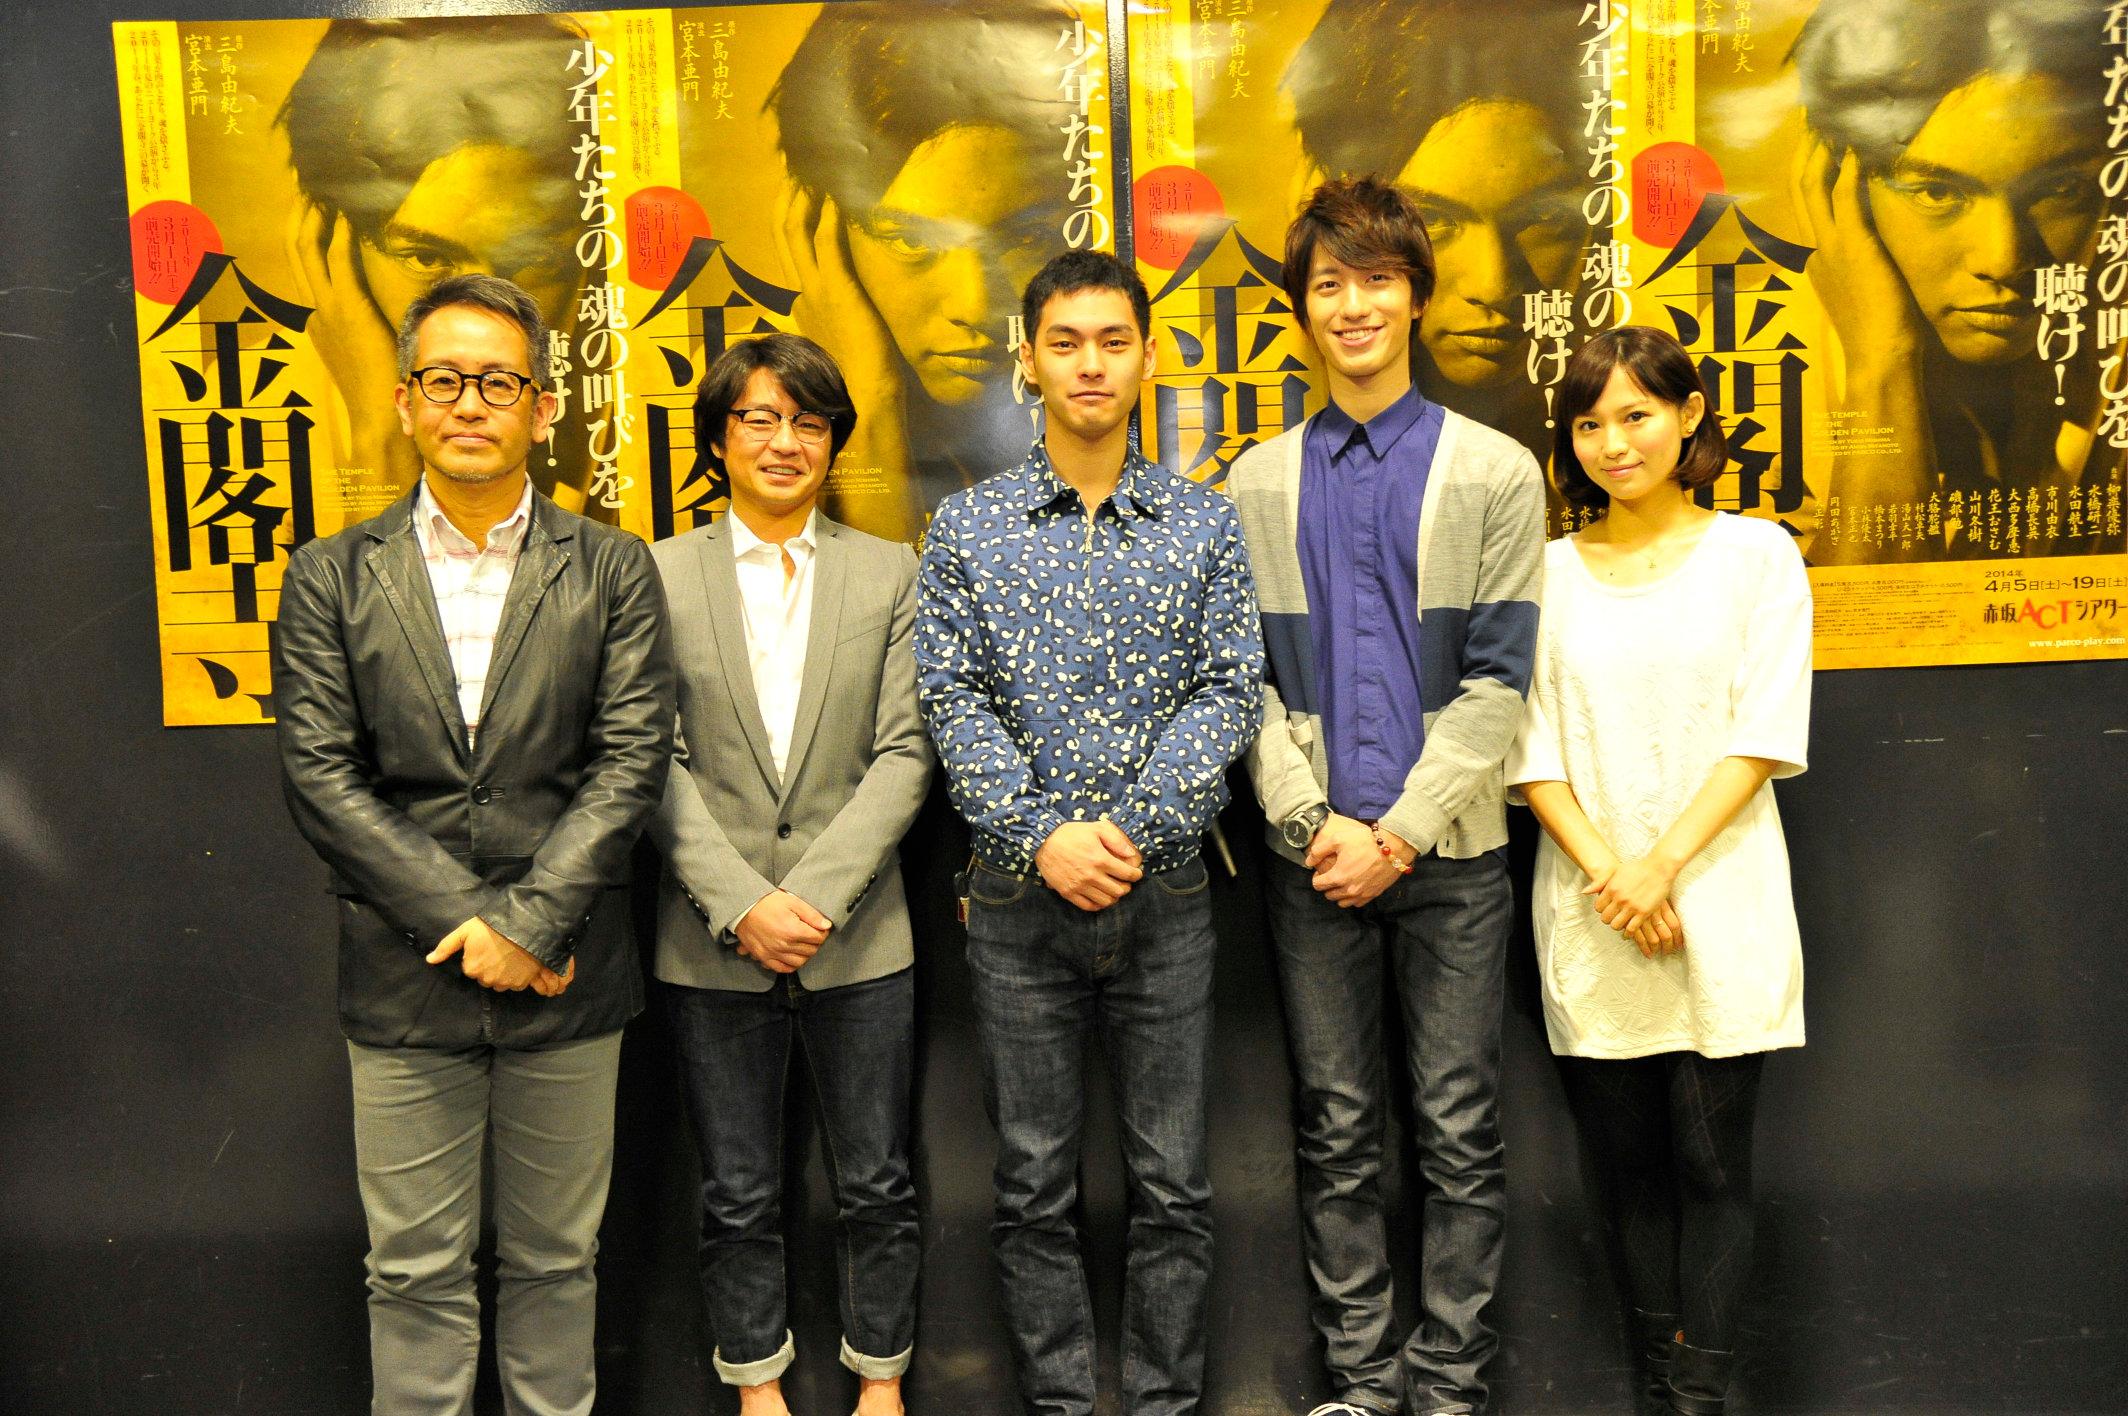 (写真左から)宮本亜門さん、水橋研二さん、柳楽優弥さん、水田航生さん、市川由衣さん